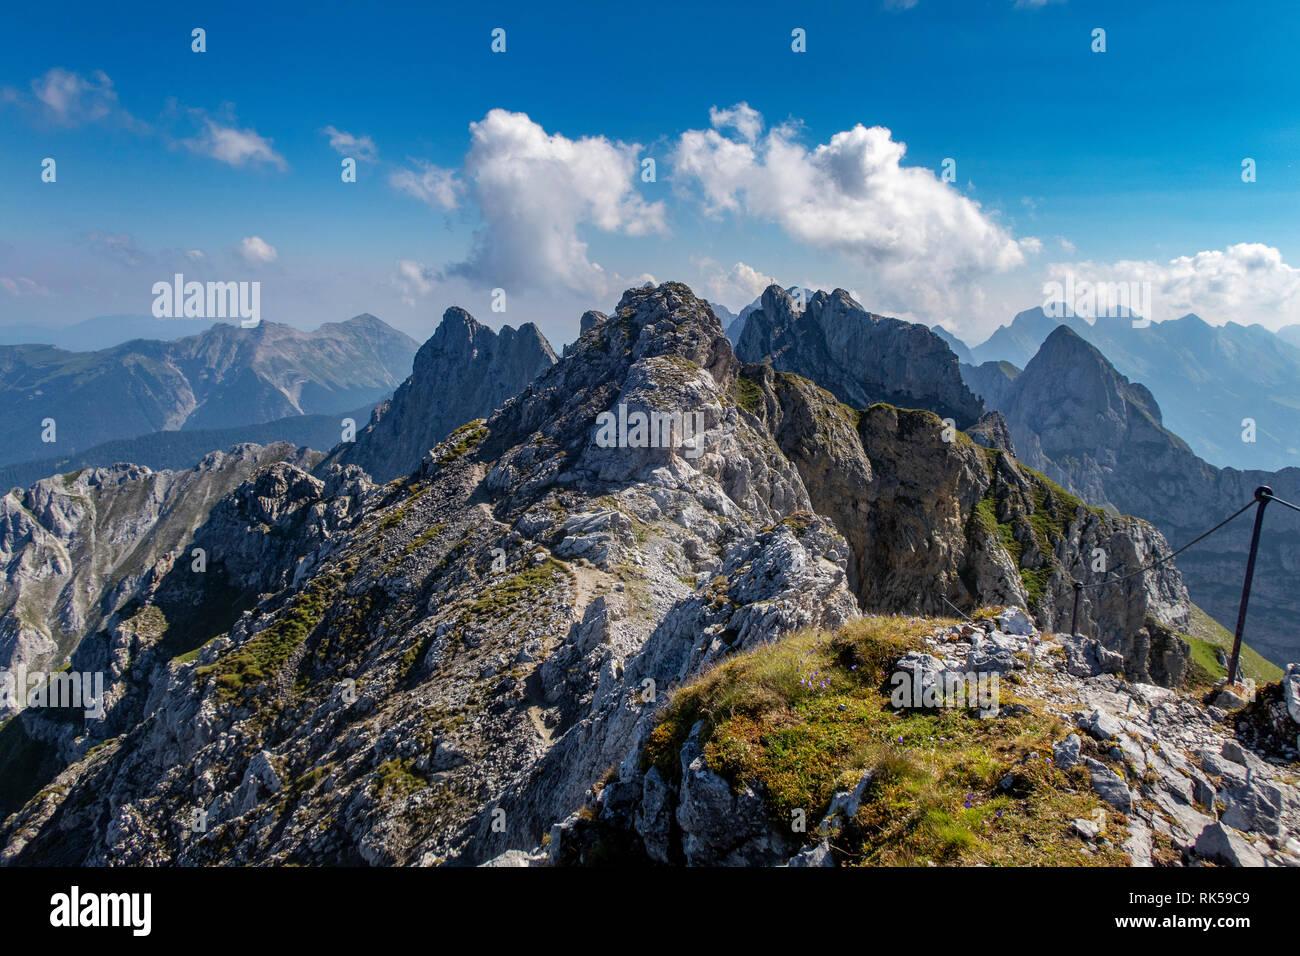 Klettersteig Mittenwald : Trail teil der klettersteig mittenwald stockfoto bild